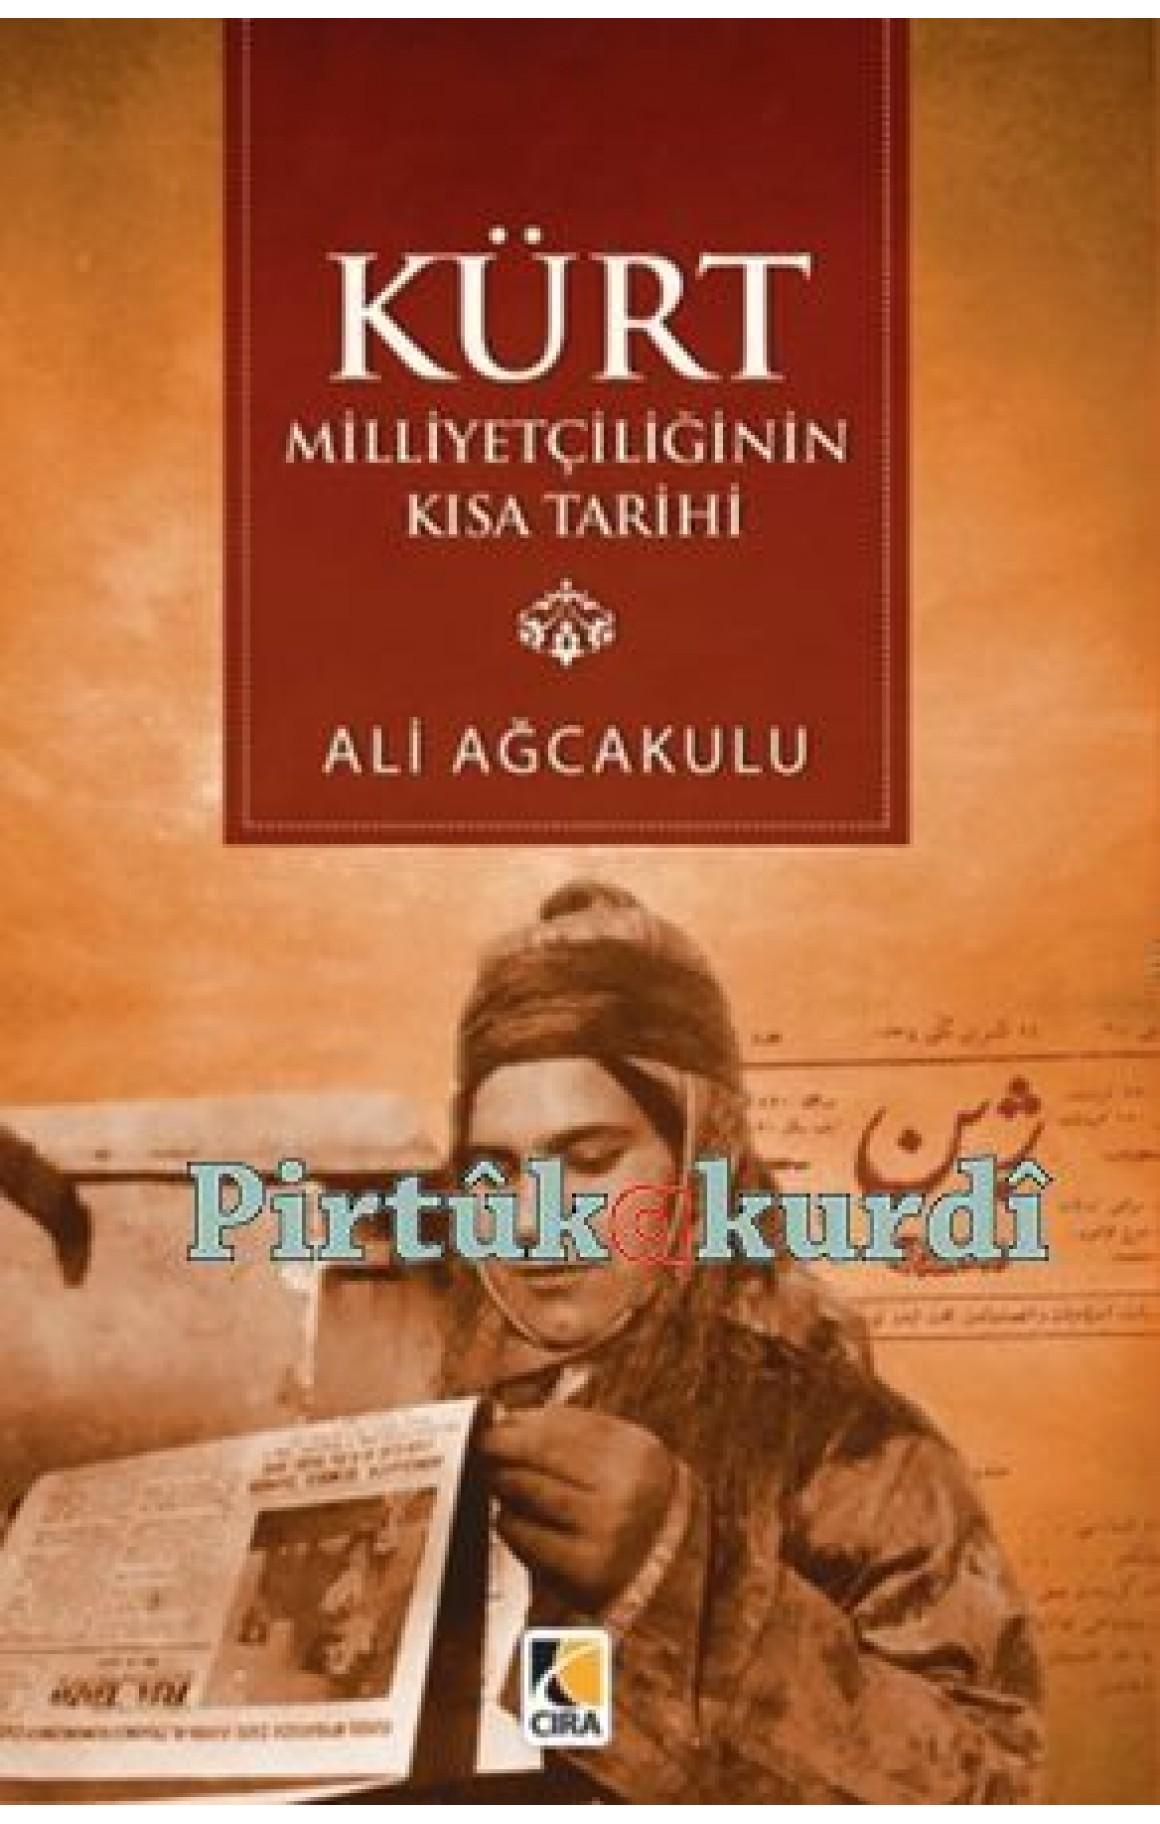 Kürt Milliyetçiliğinin Kısa Tarihi